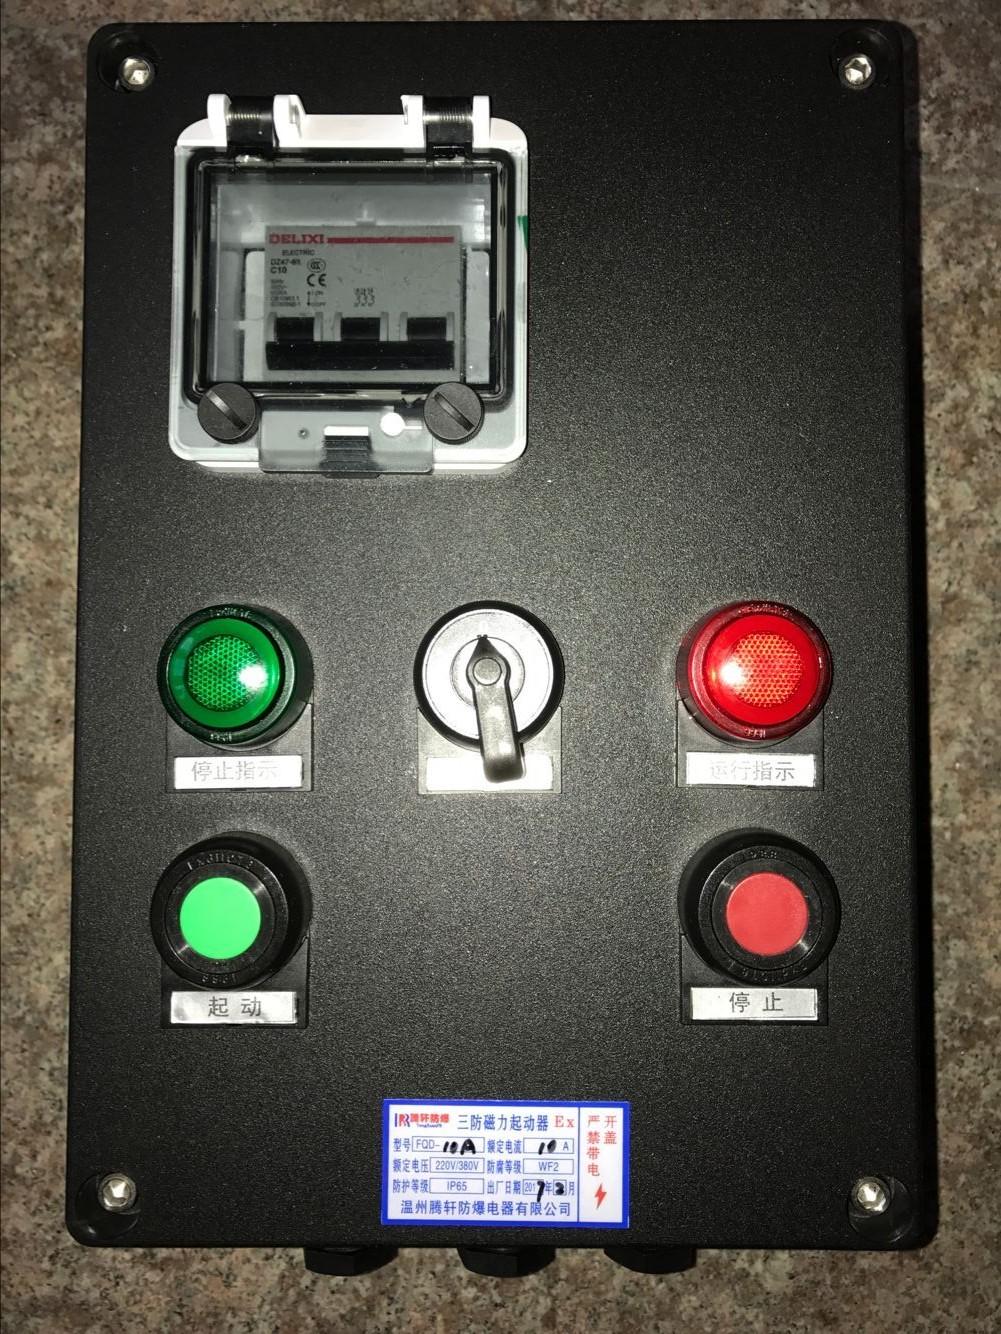 防爆防腐磁力起动器厂家概述 1.起动器外壳选用ZL102铝合金压铸成型。B类为平面计划,C类间断口计划。 2.主腔内可设备沟通接触器、热继电器等元件; 3.接线箱内可设备防爆操控开关、防爆按钮、防爆信号灯及供进出线联接用的接线端子。 4.接线箱表里均设有接地设备。钢管或电缆布线均可。 防爆防腐磁力起动器厂家适应范围 爆炸性气体环境1区、2区; 可燃性粉尘环境21区、22区; A、B、C级爆炸性气体环境; 温度组别为T1~T6/T4的环境; 石油采炼、储存、化工、医药、纺织、印染、军工及